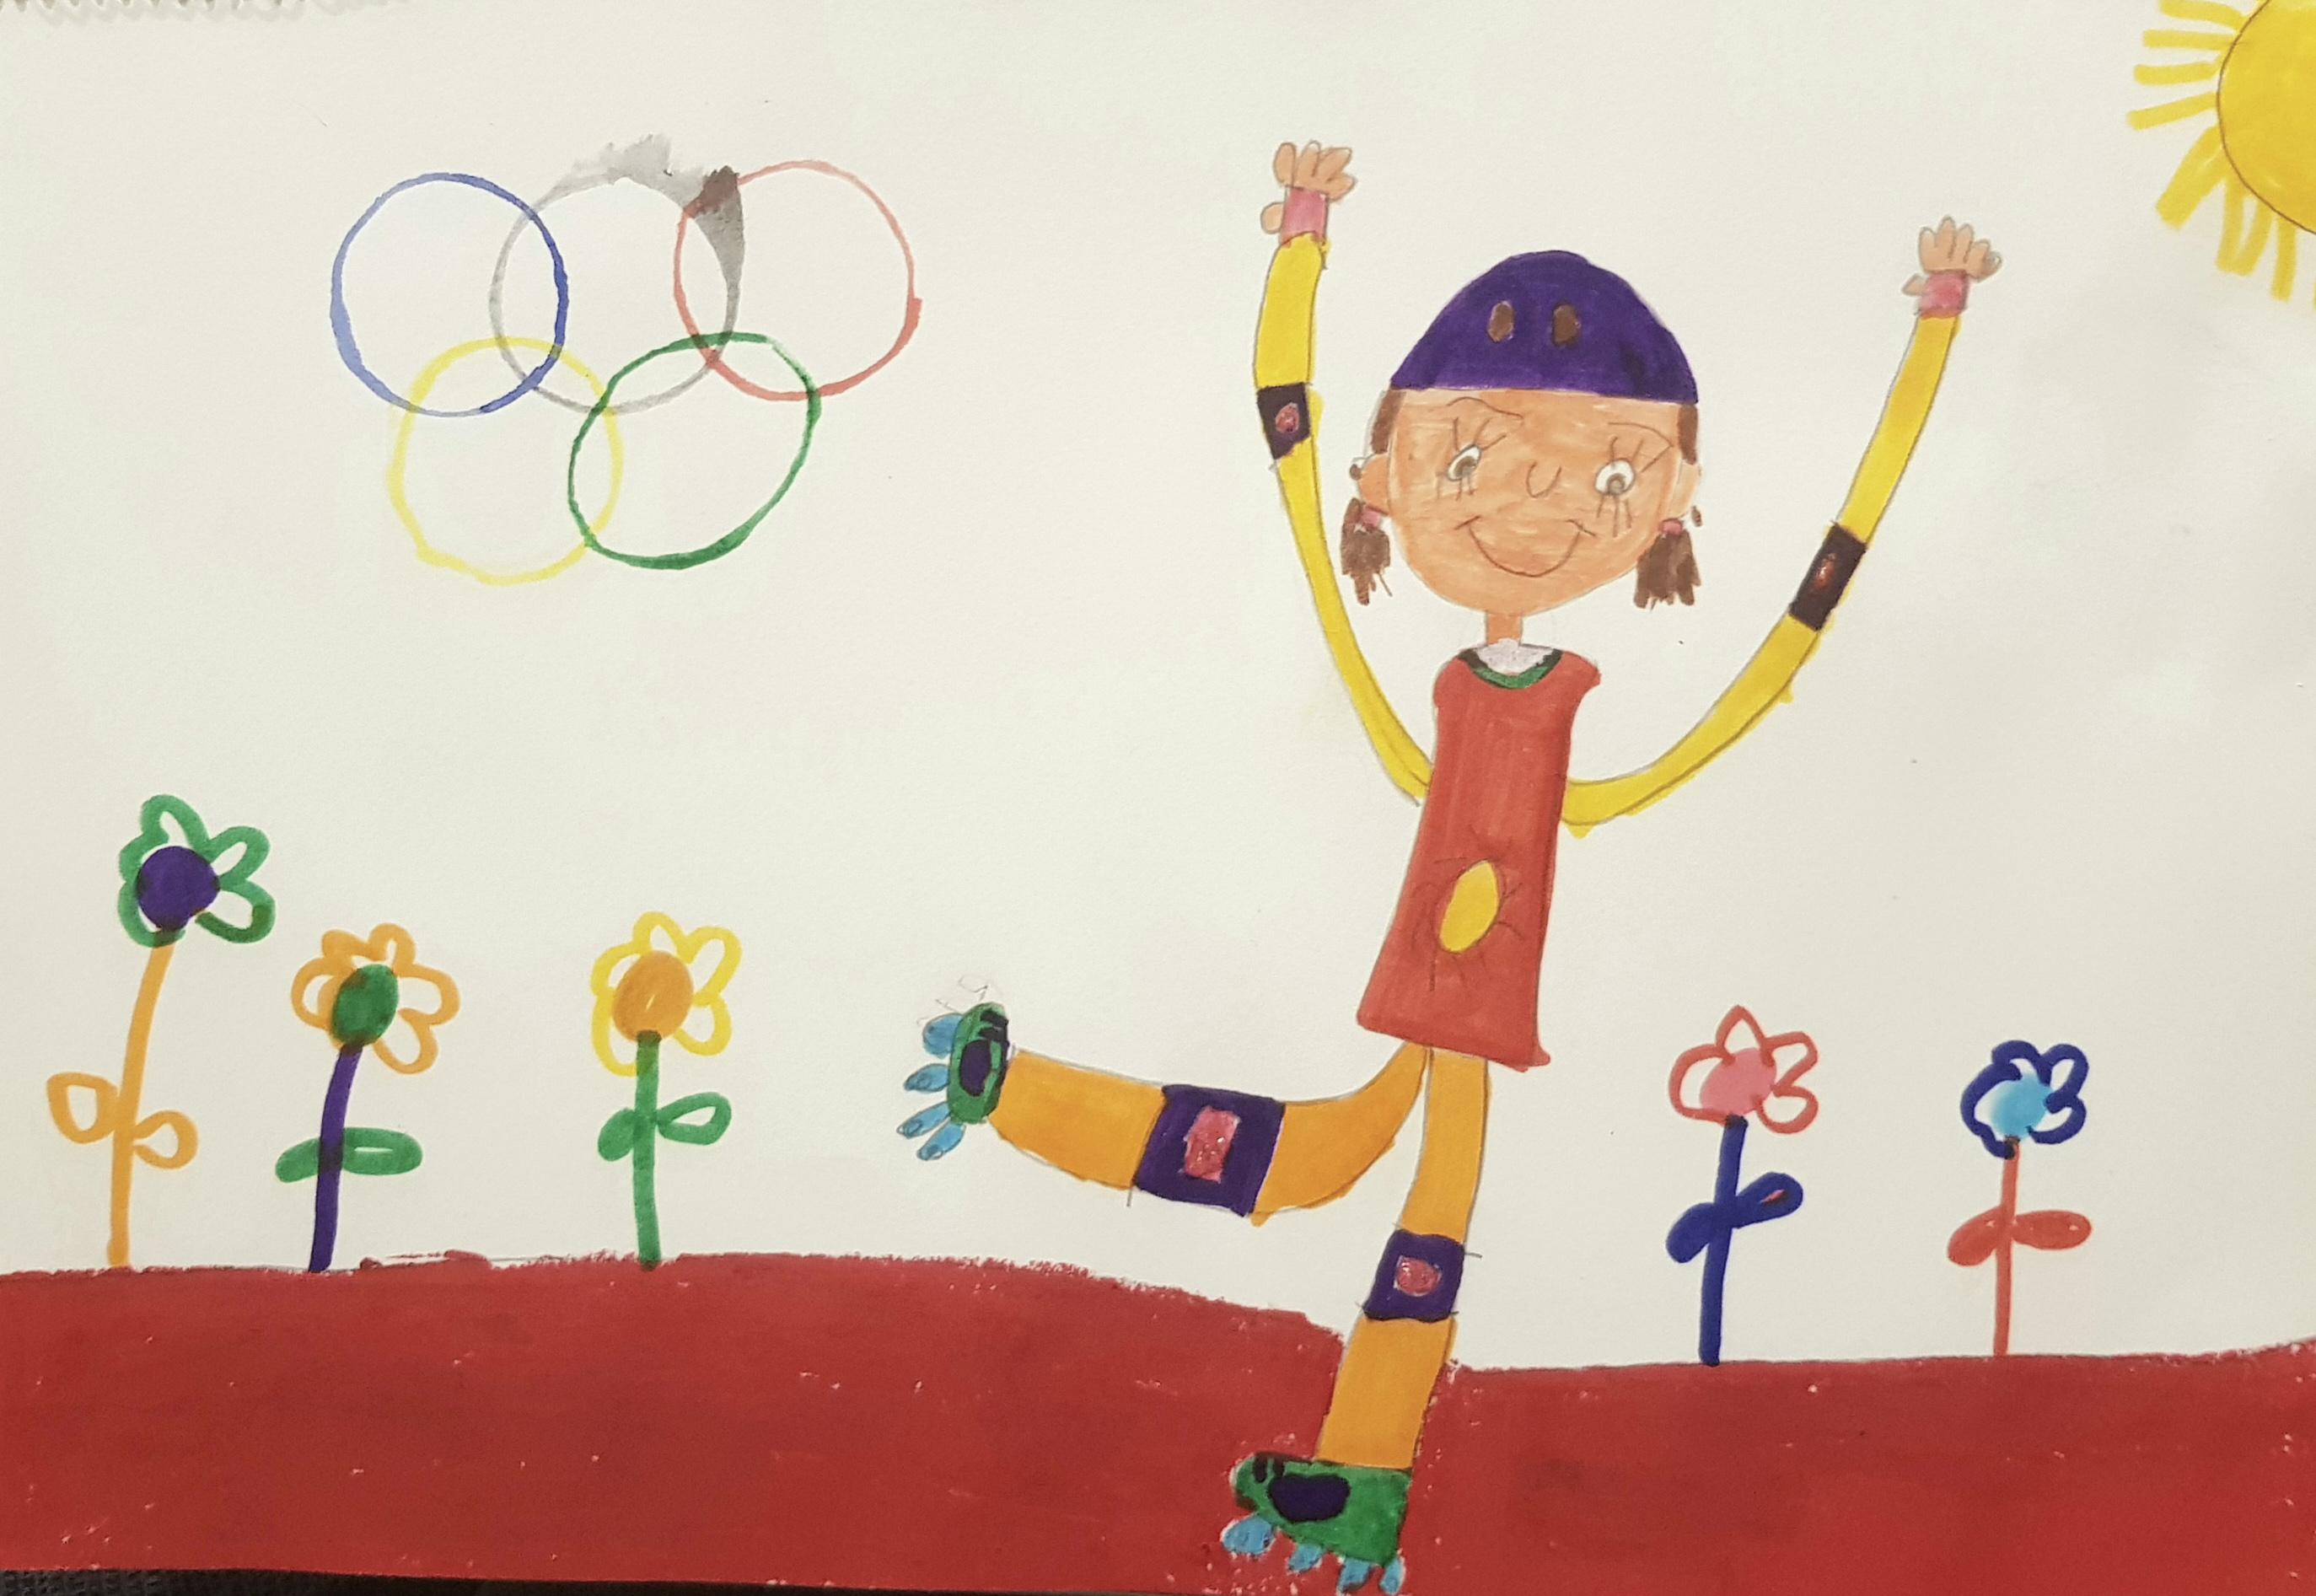 Soy Feliz Con Mis Patines En Las Olimpiadas(我喜欢奥运会的溜冰鞋)+Violetta López Peña+6 Años+617745599